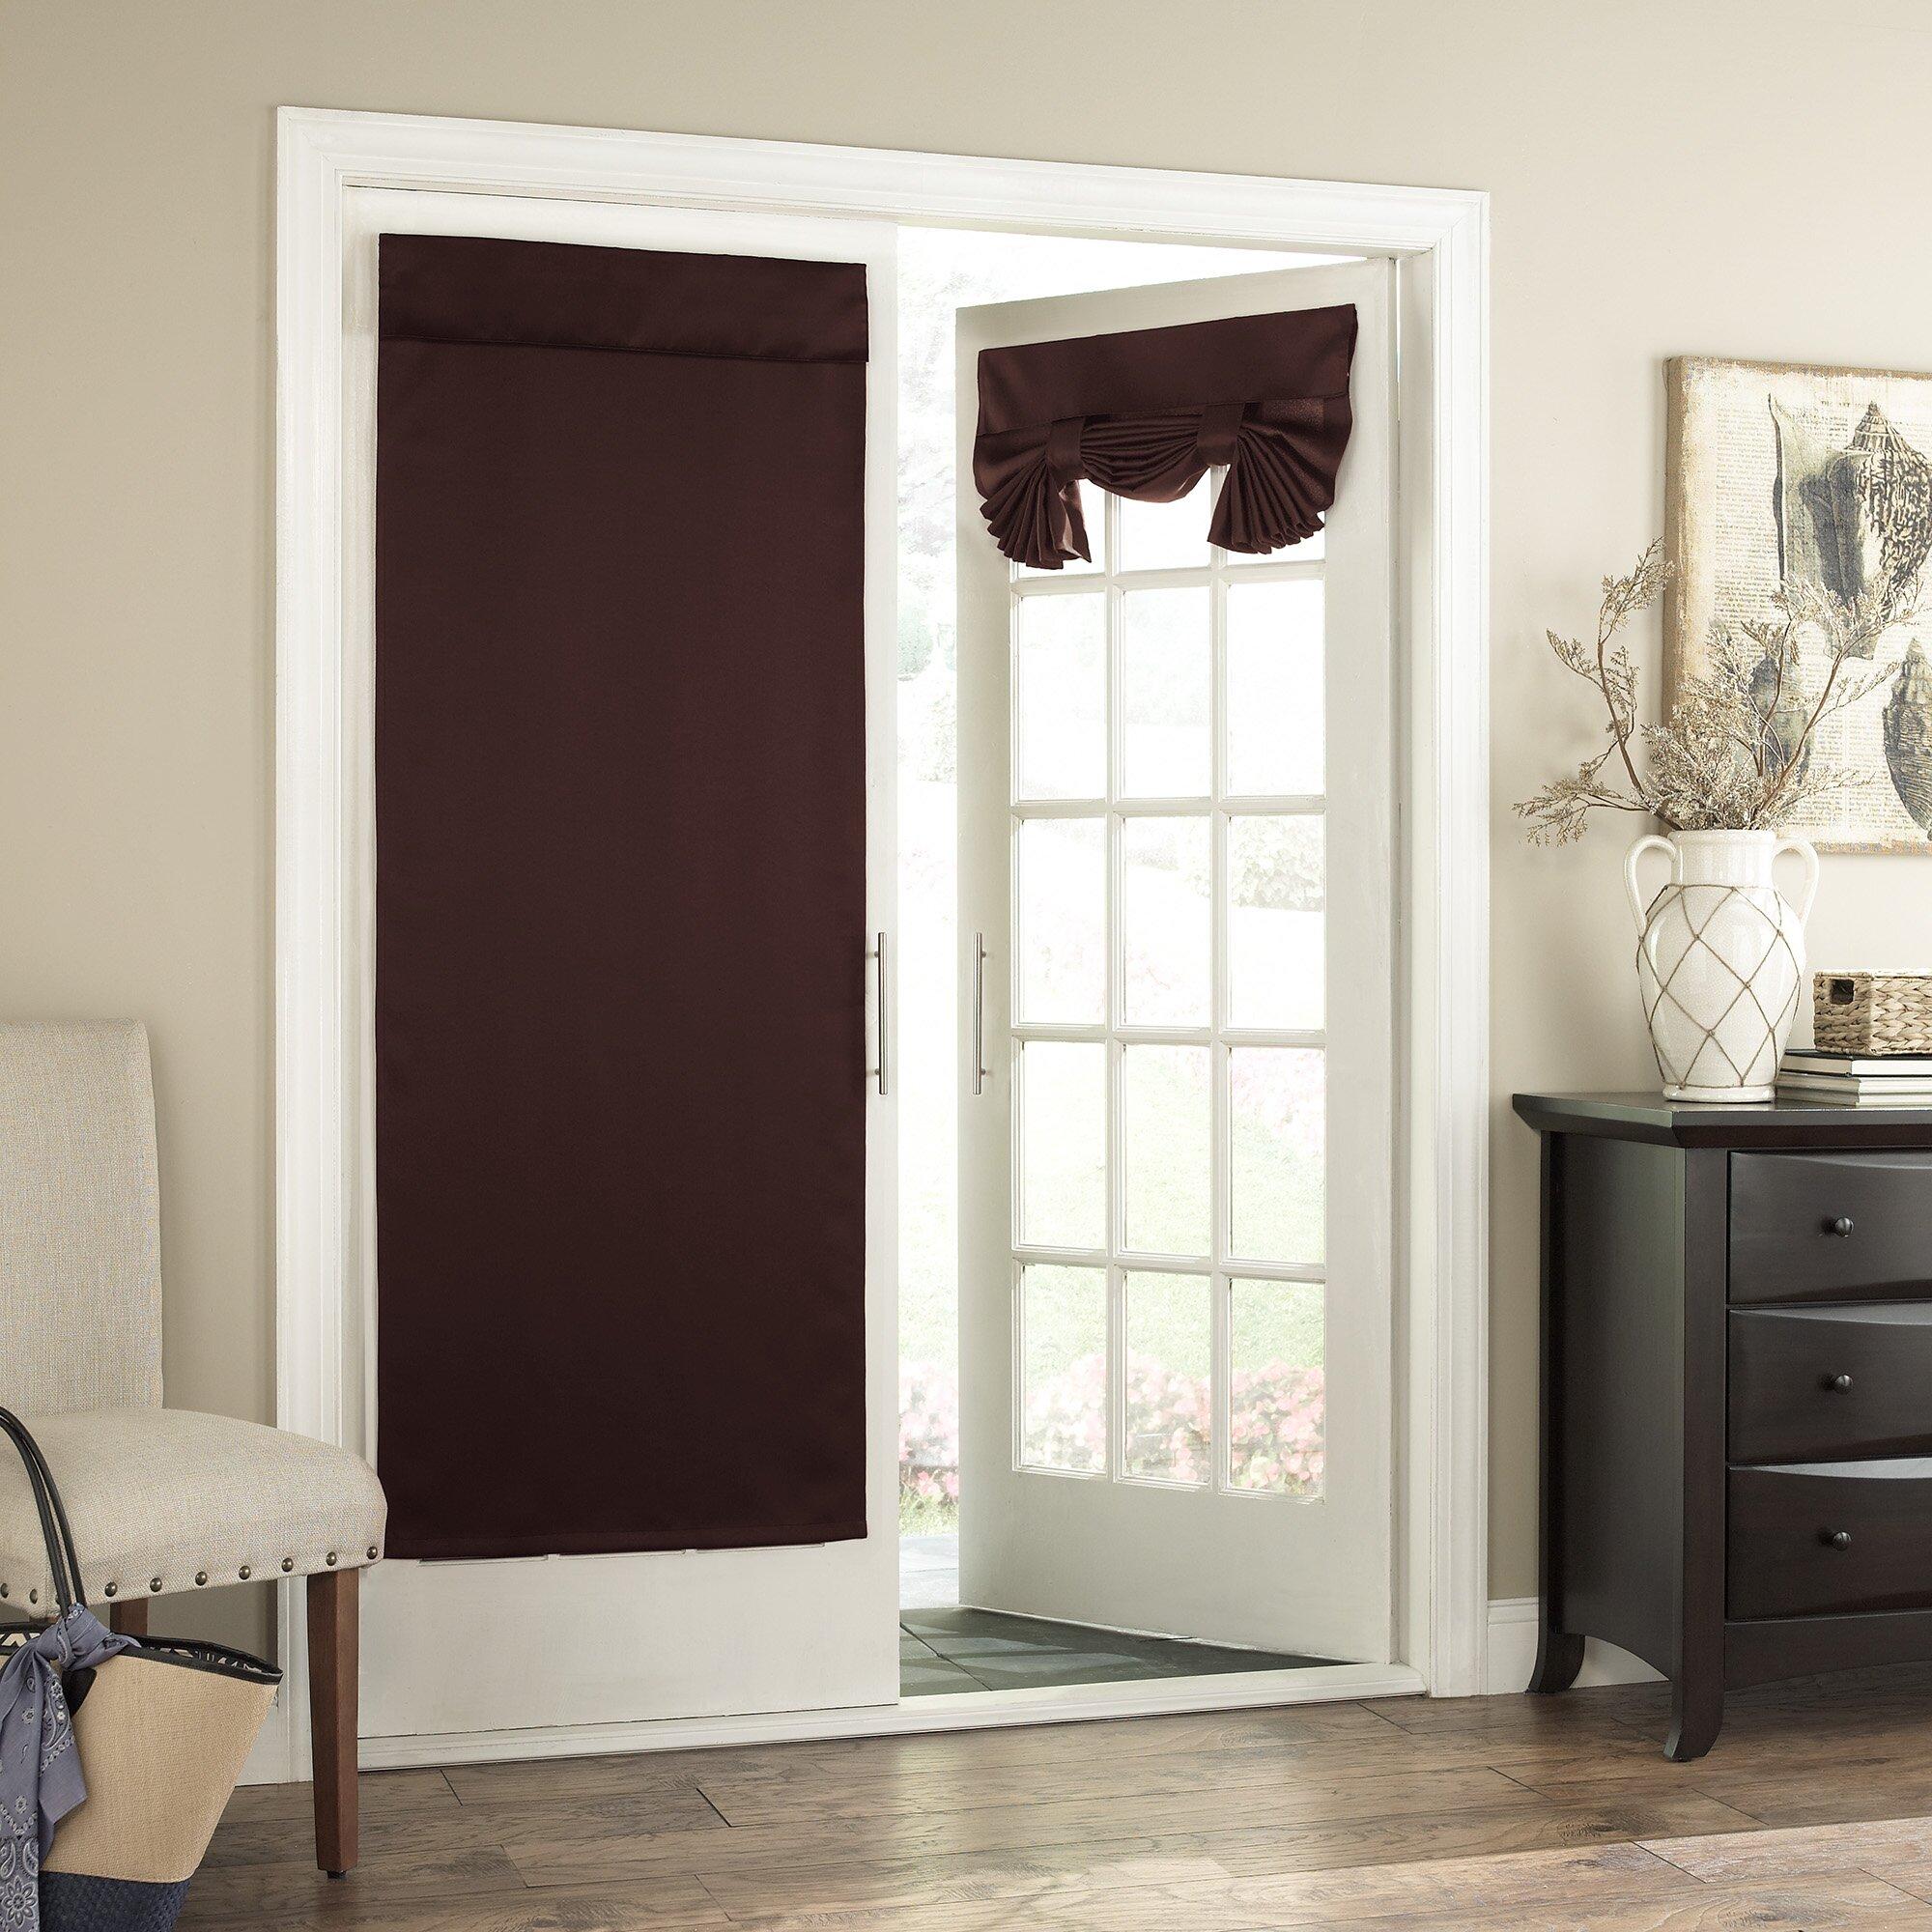 Charlton Home Cantor Window Light filtering Door Panel